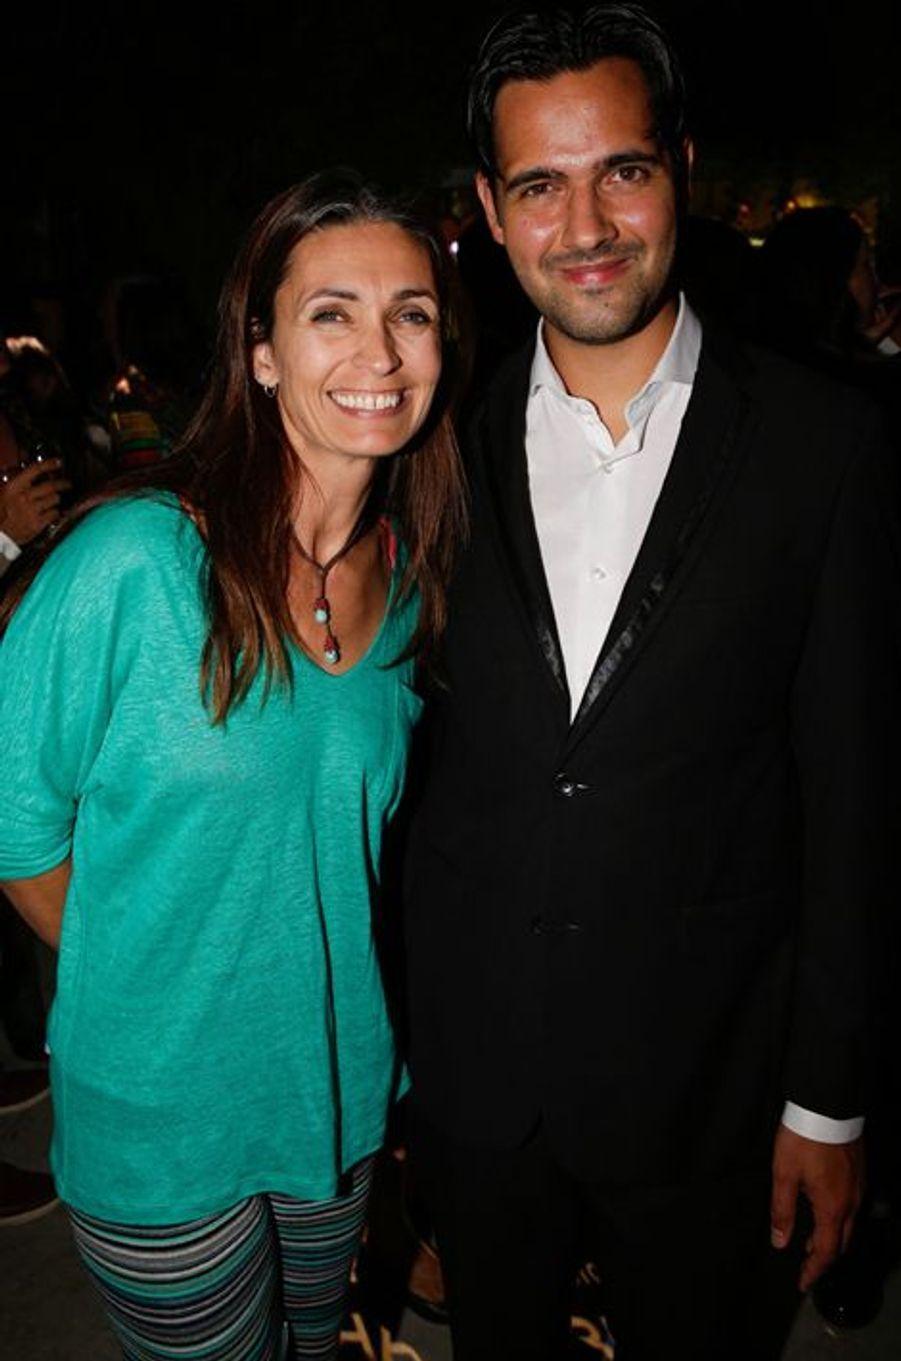 Adeline Blondieau et Yoann Fréget au 10e anniversaire de l'Hôtel de Sers à Paris, le 10 septembre 2014.